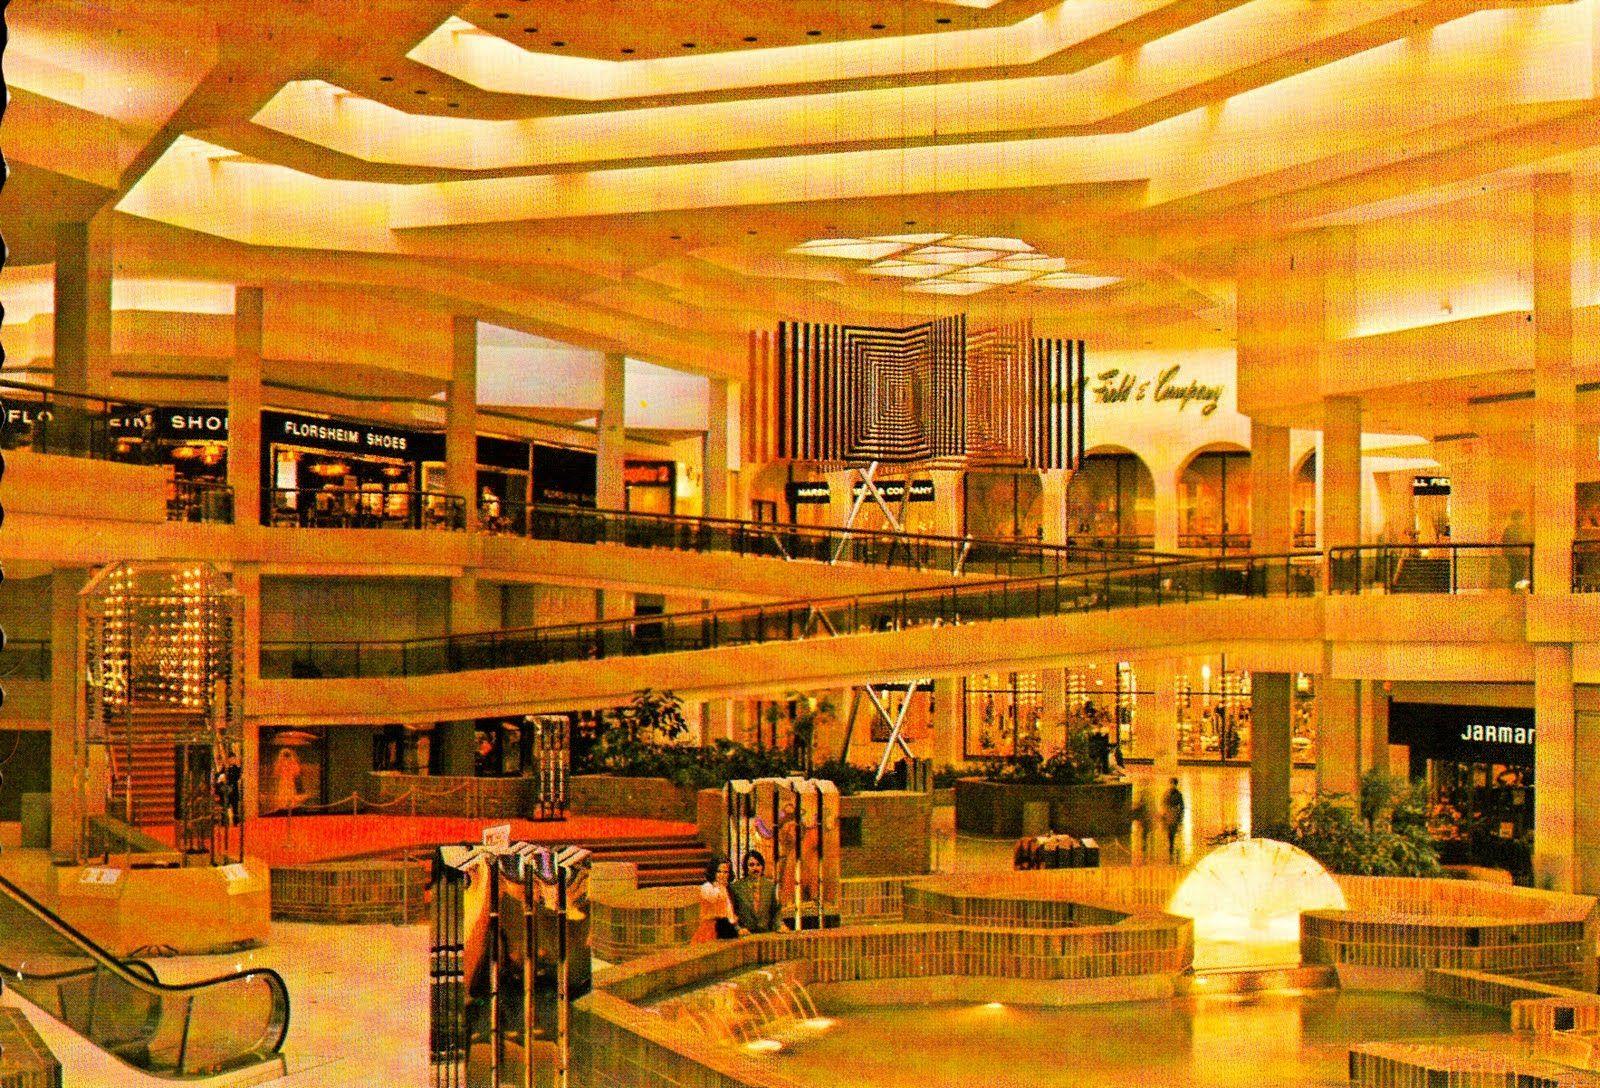 Woodfield Mall Schaumburg Illinois 1971  | Childhood